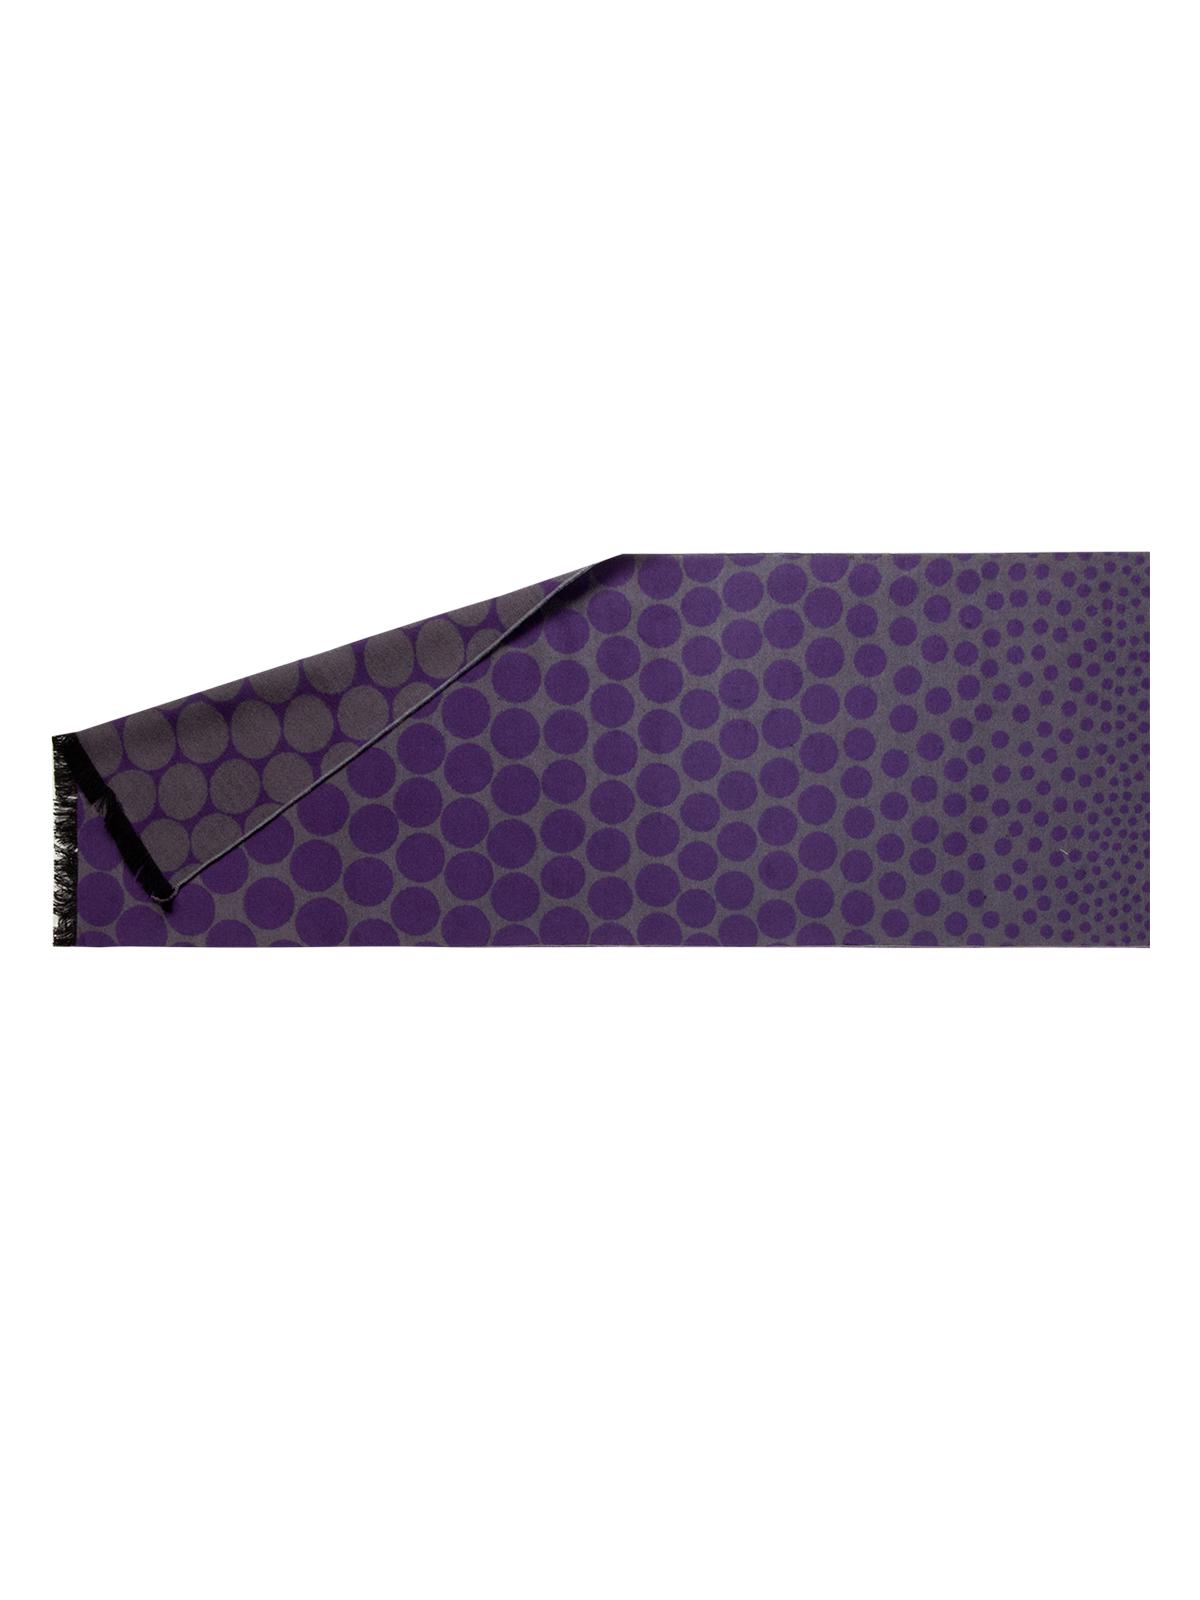 CORSOCOMO Шарф из шелка фиолетового цвета с принтом LJG34-336-10 шелк+виск 30